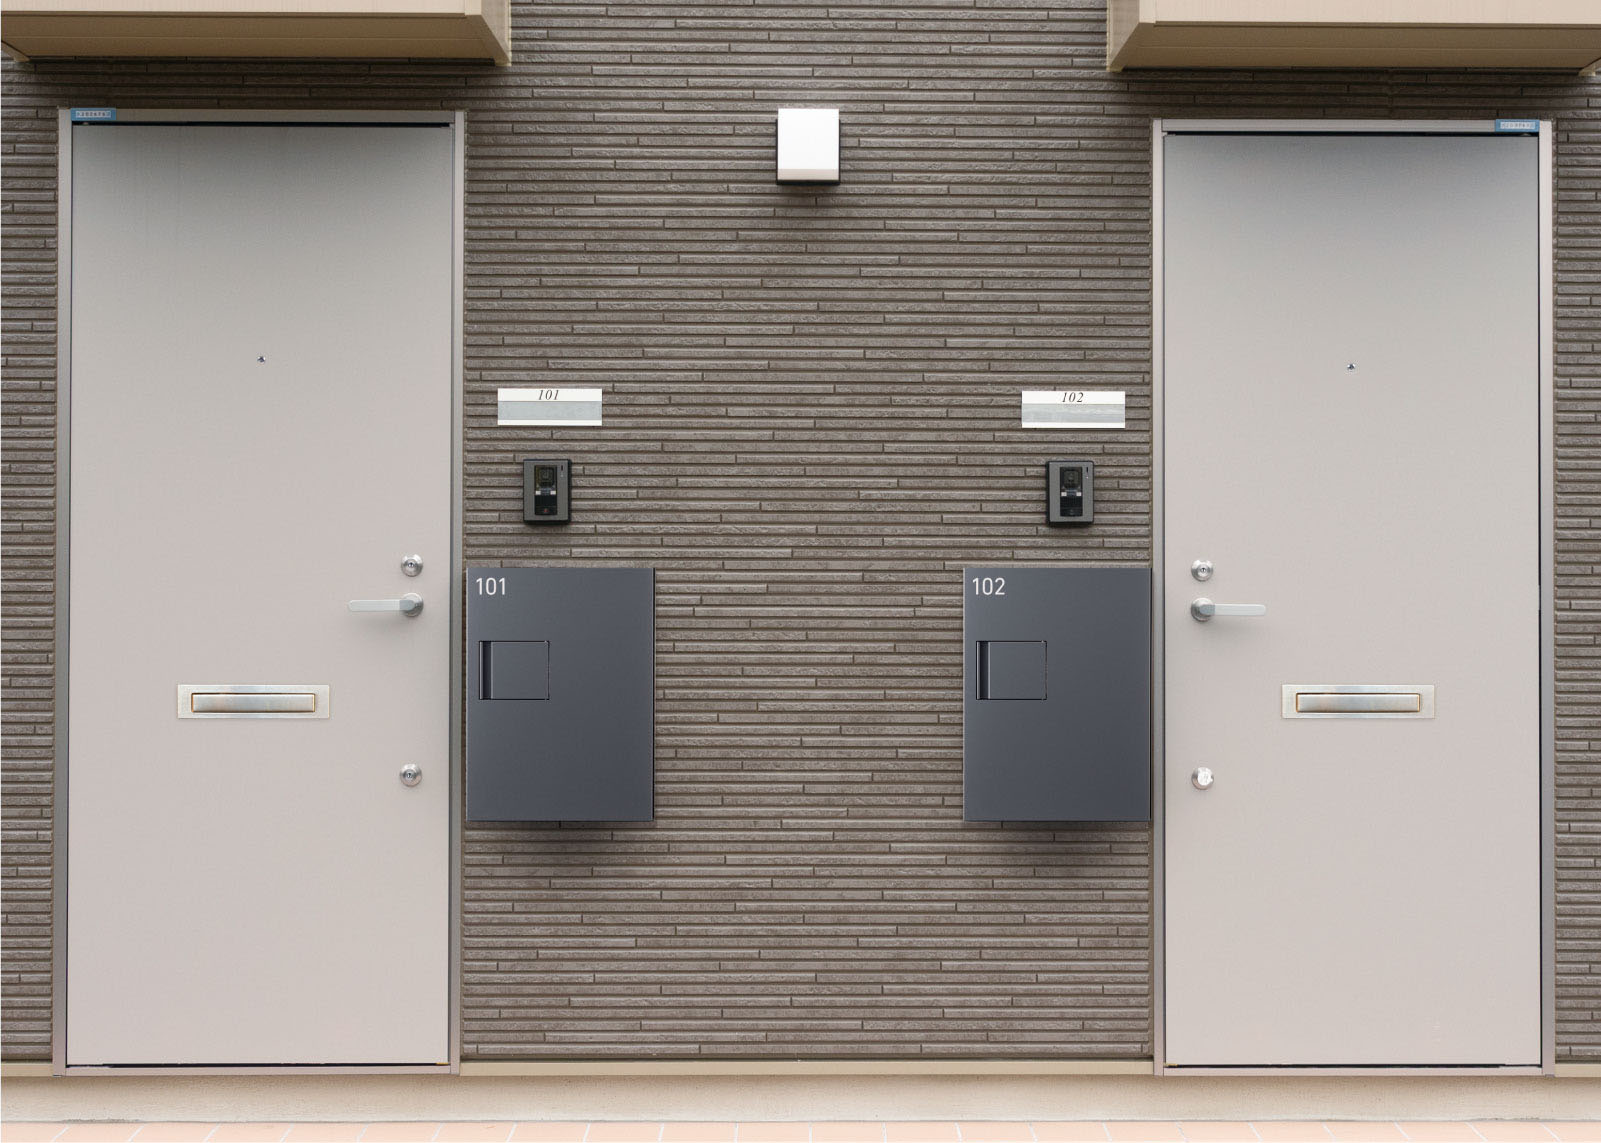 集合住宅でも専有使用が可能な宅配ボックス「TBX-G」新発売 新製品